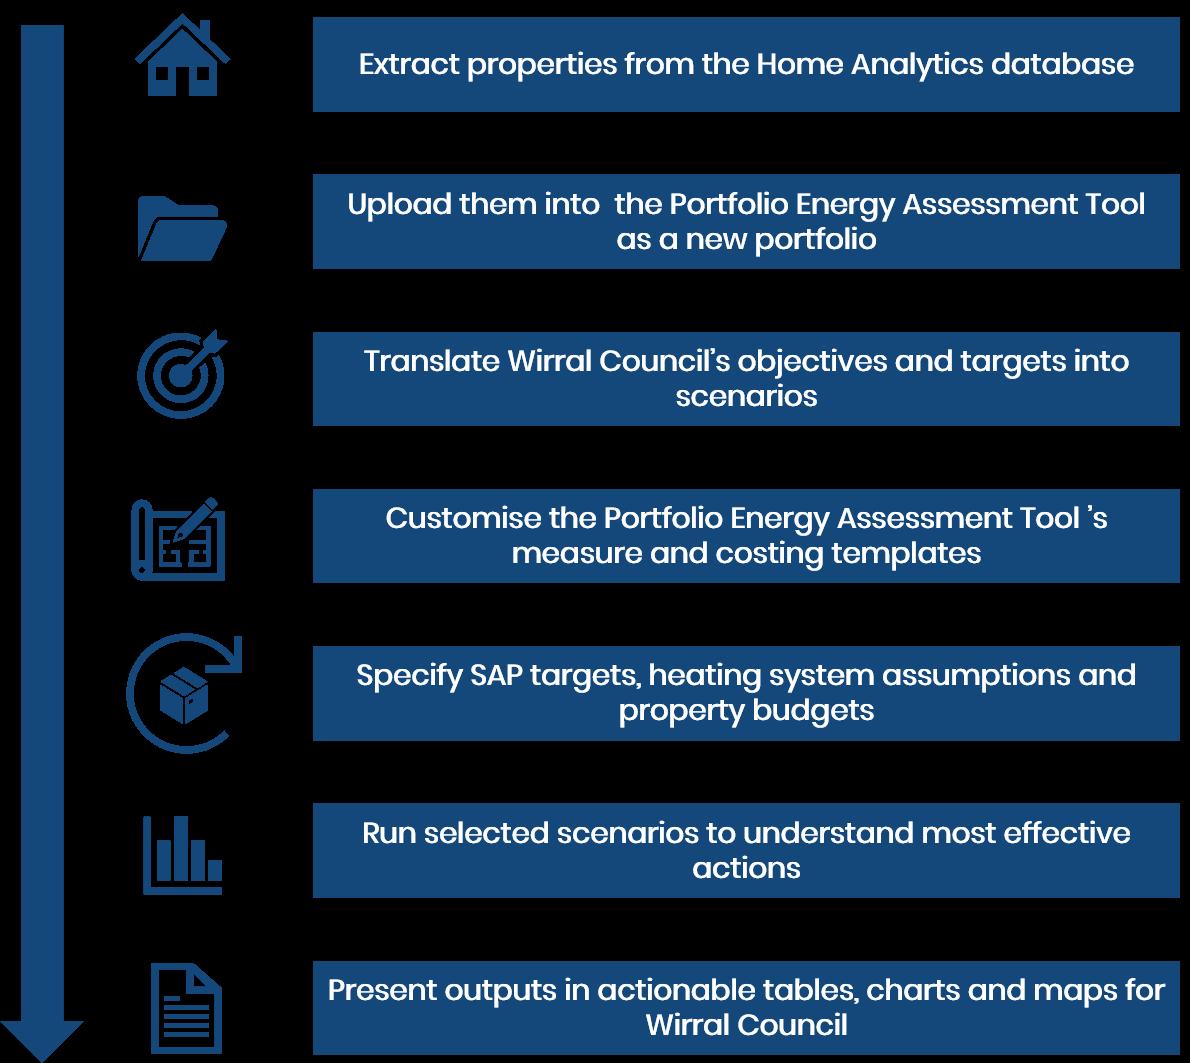 Portfolio Energy Assessment Tool